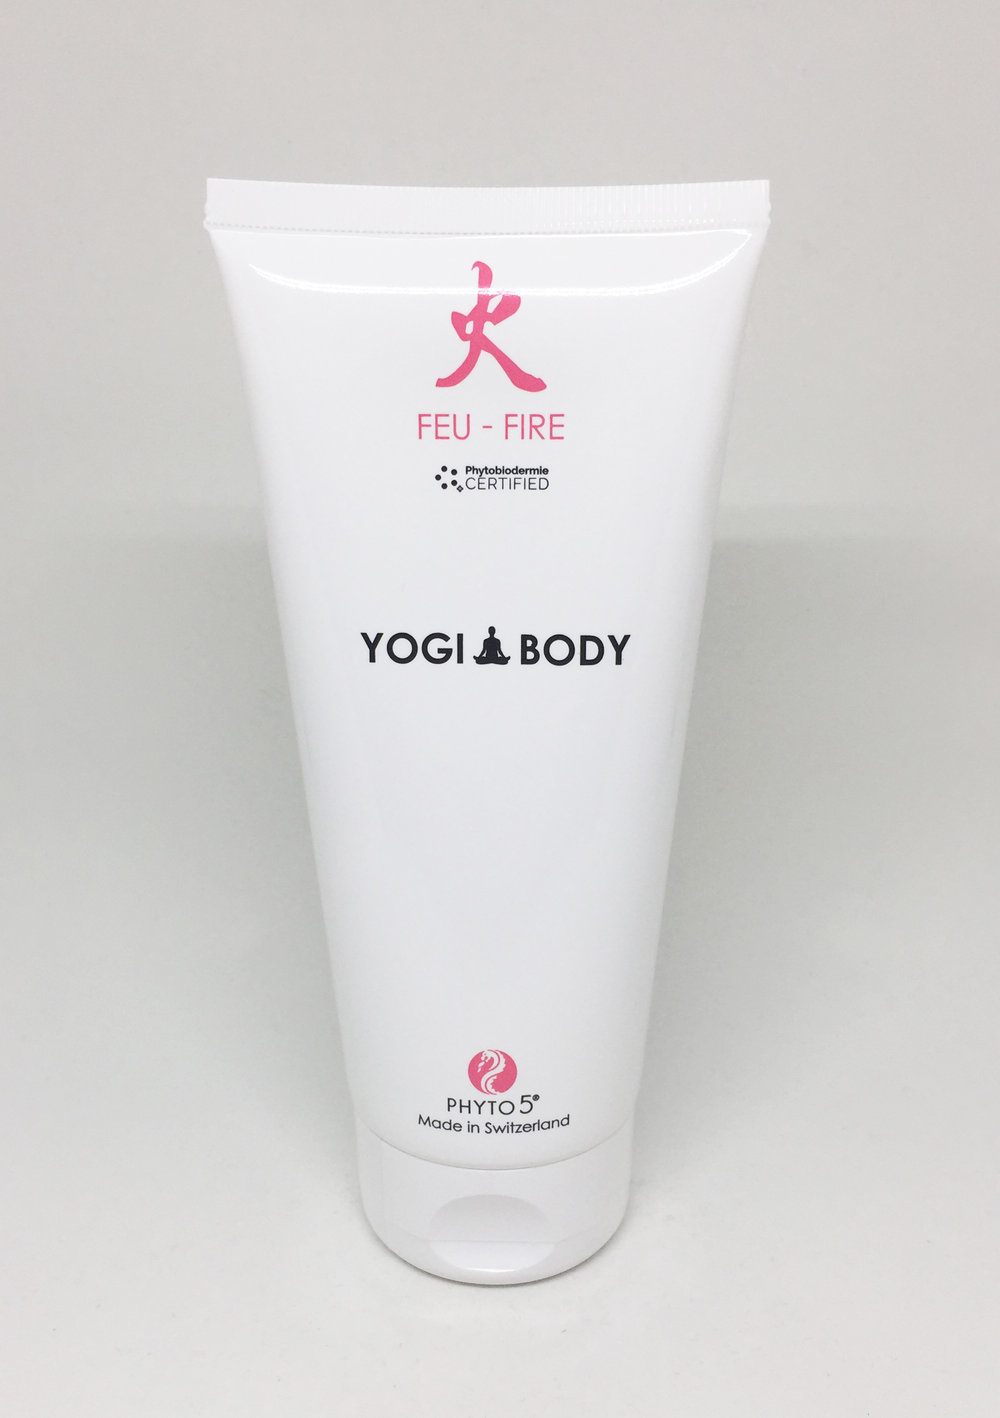 yogi_body_fire.jpg